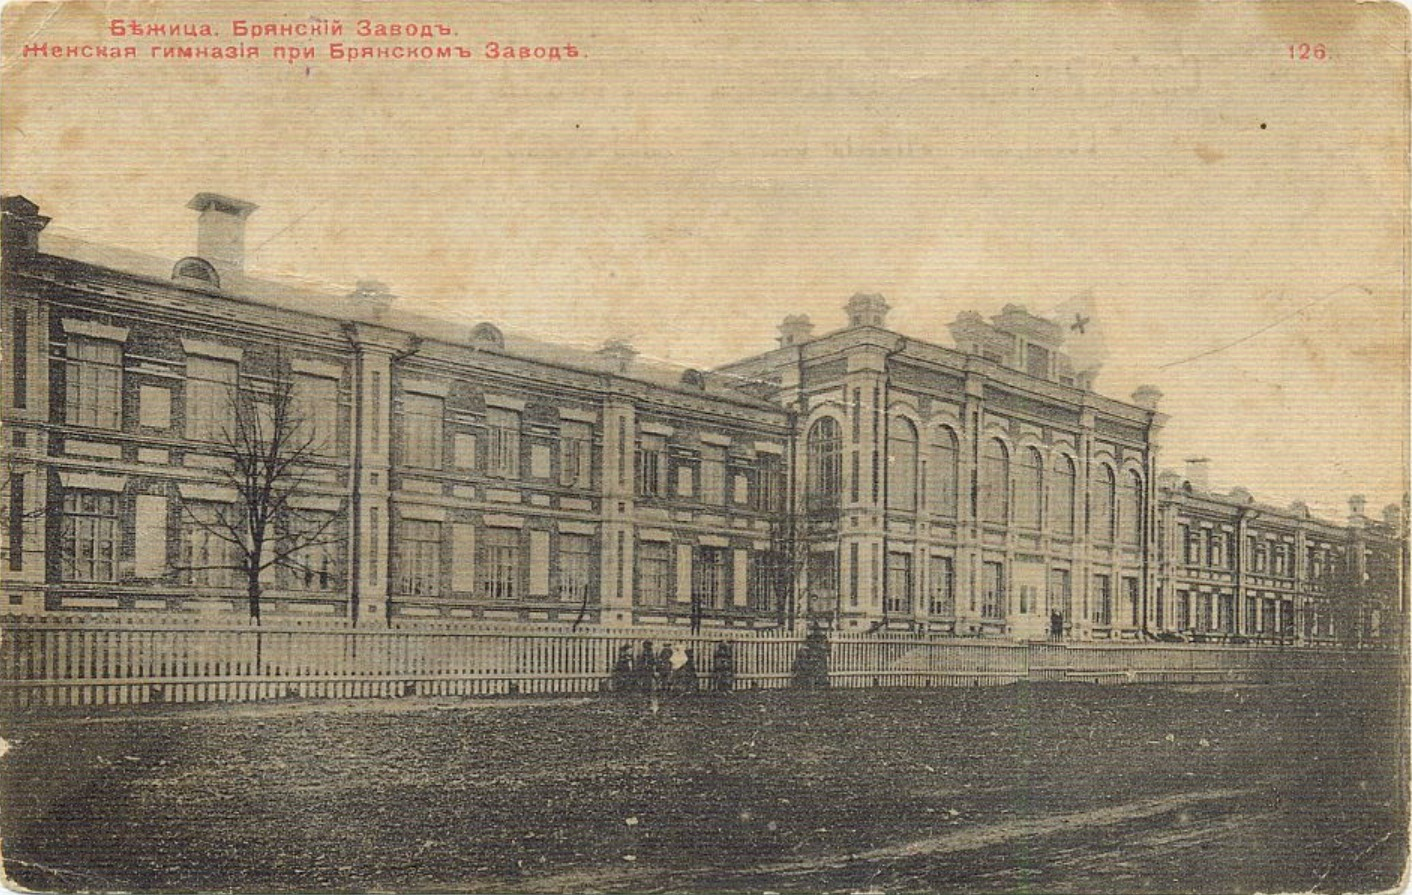 Женская гимназия при Брянском заводе